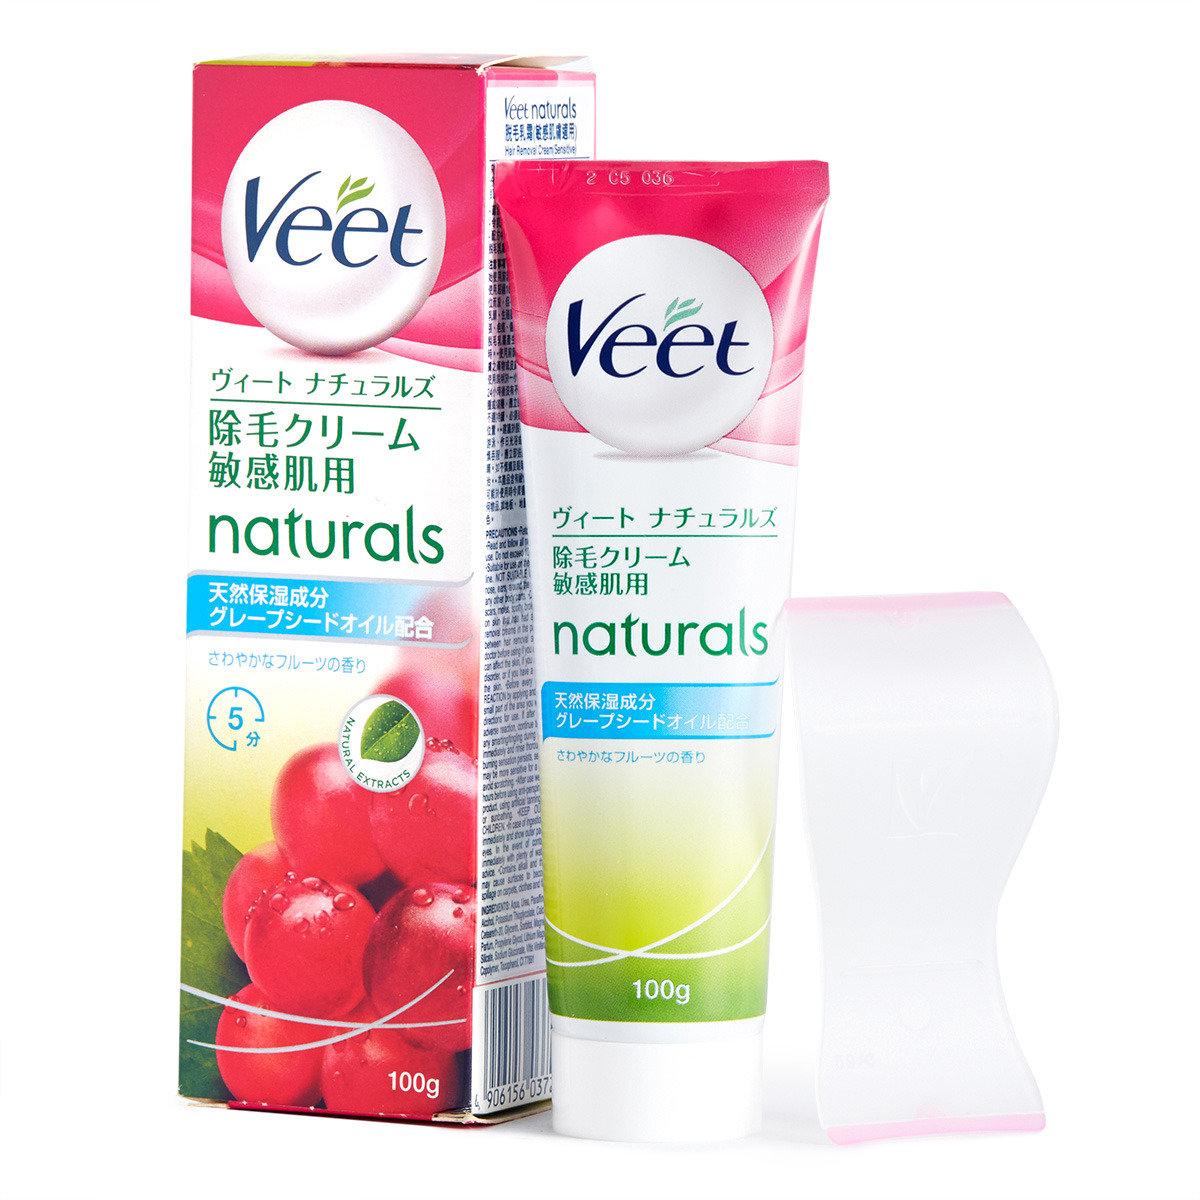 天然保濕脫毛乳霜(敏感肌適用)